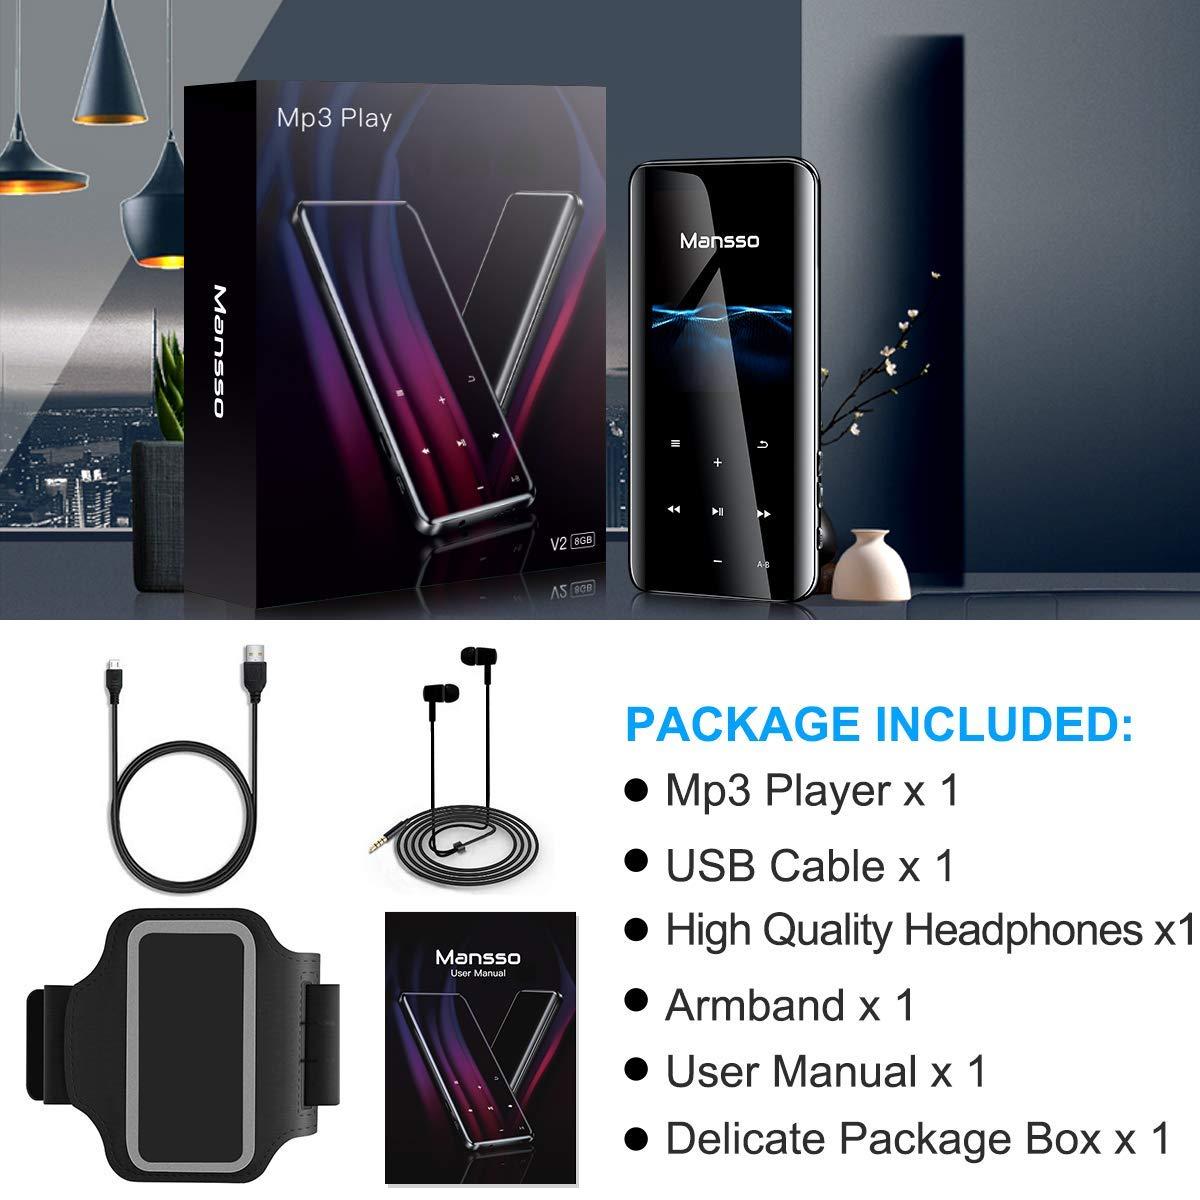 Audio Digital Radio FM soporta hasta 128 GB port/átil grabadora de Voz Pantalla Grande Curvada 3D de Nivel de milisegundo Sonido sin p/érdida Reproductor de MP3 Bluetooth 4.2 de 2,4 Pulgadas